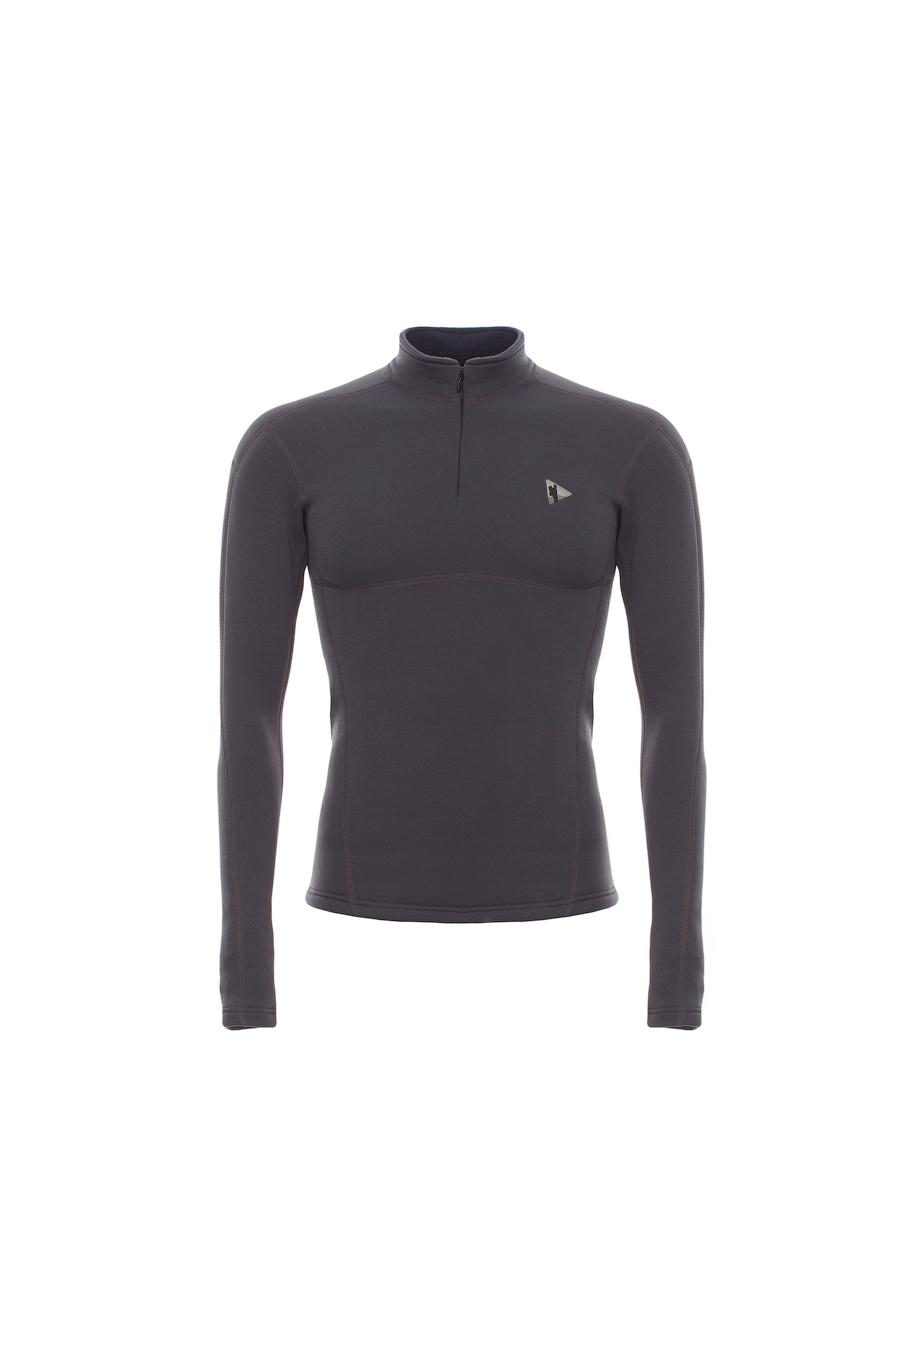 Куртка BASK T-SKIN MAN JACKET V2 3601aТёплая  толстовка из&amp;nbsp;ткани Polartec® Power Stretch® Pro. Ткань не&amp;nbsp;вытягивается. Позиционируется как термобелье спортивное, облегает тело и не накапливает влагу.<br><br>Вес изделия: 297<br>Воротник: Да<br>Материал: Polartec® Power Stretch® Pro<br>Молнии: Да<br>Плотность ткани: 241<br>Пол: Муж.<br>Тип шва: плоский<br>Функциональная задняя молния: Нет<br>Размер INT: XL<br>Цвет: СЕРЫЙ